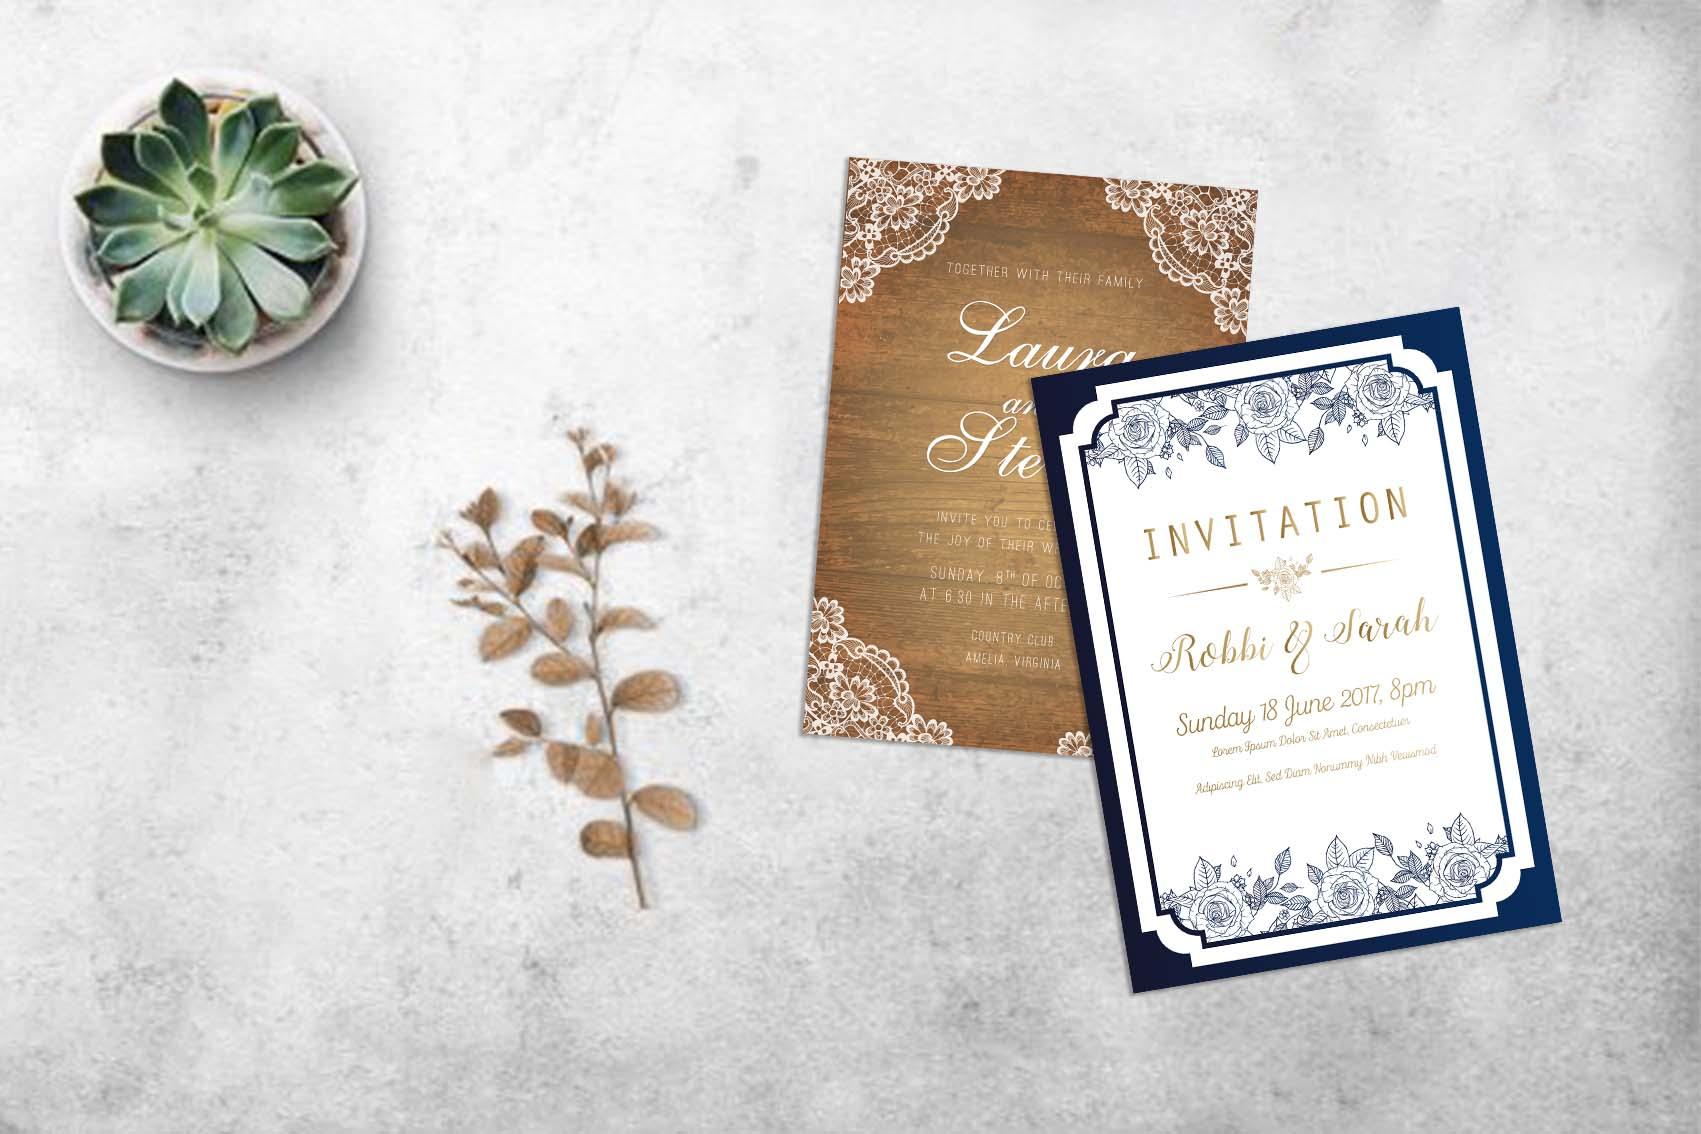 Wedding Invitation Printing in Hong Kong - JoinPrint